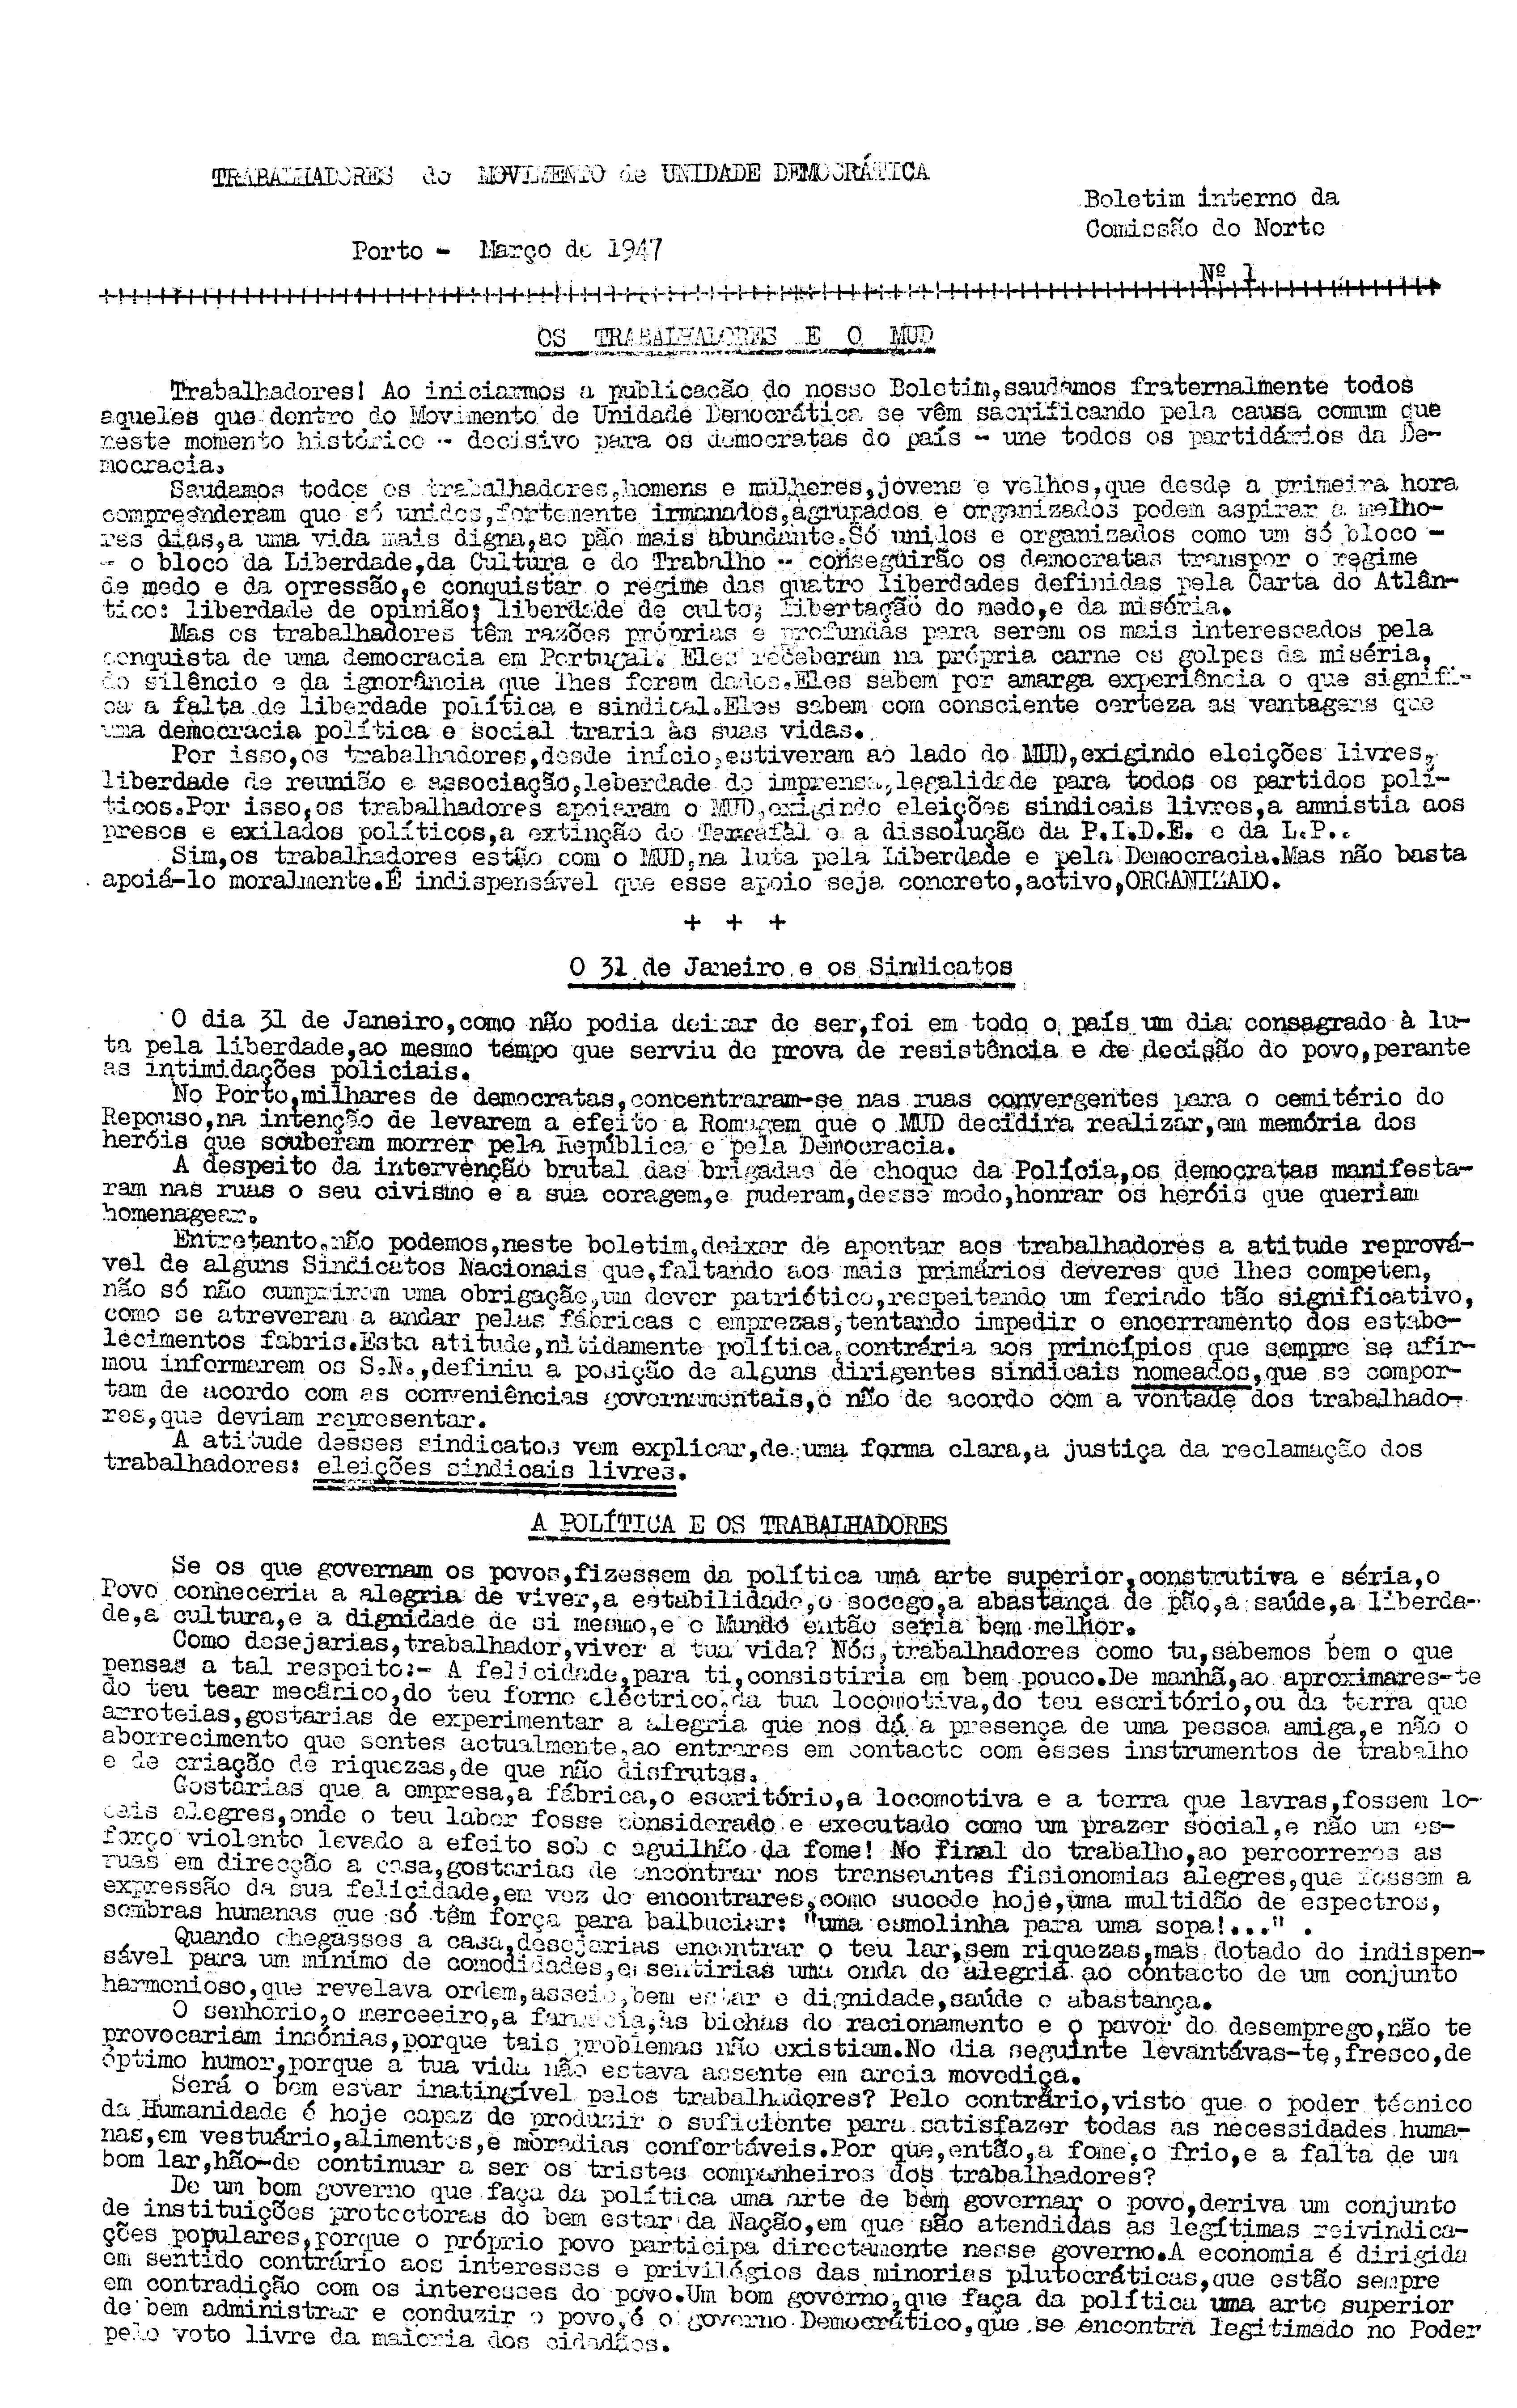 02969.053.003- pag.1